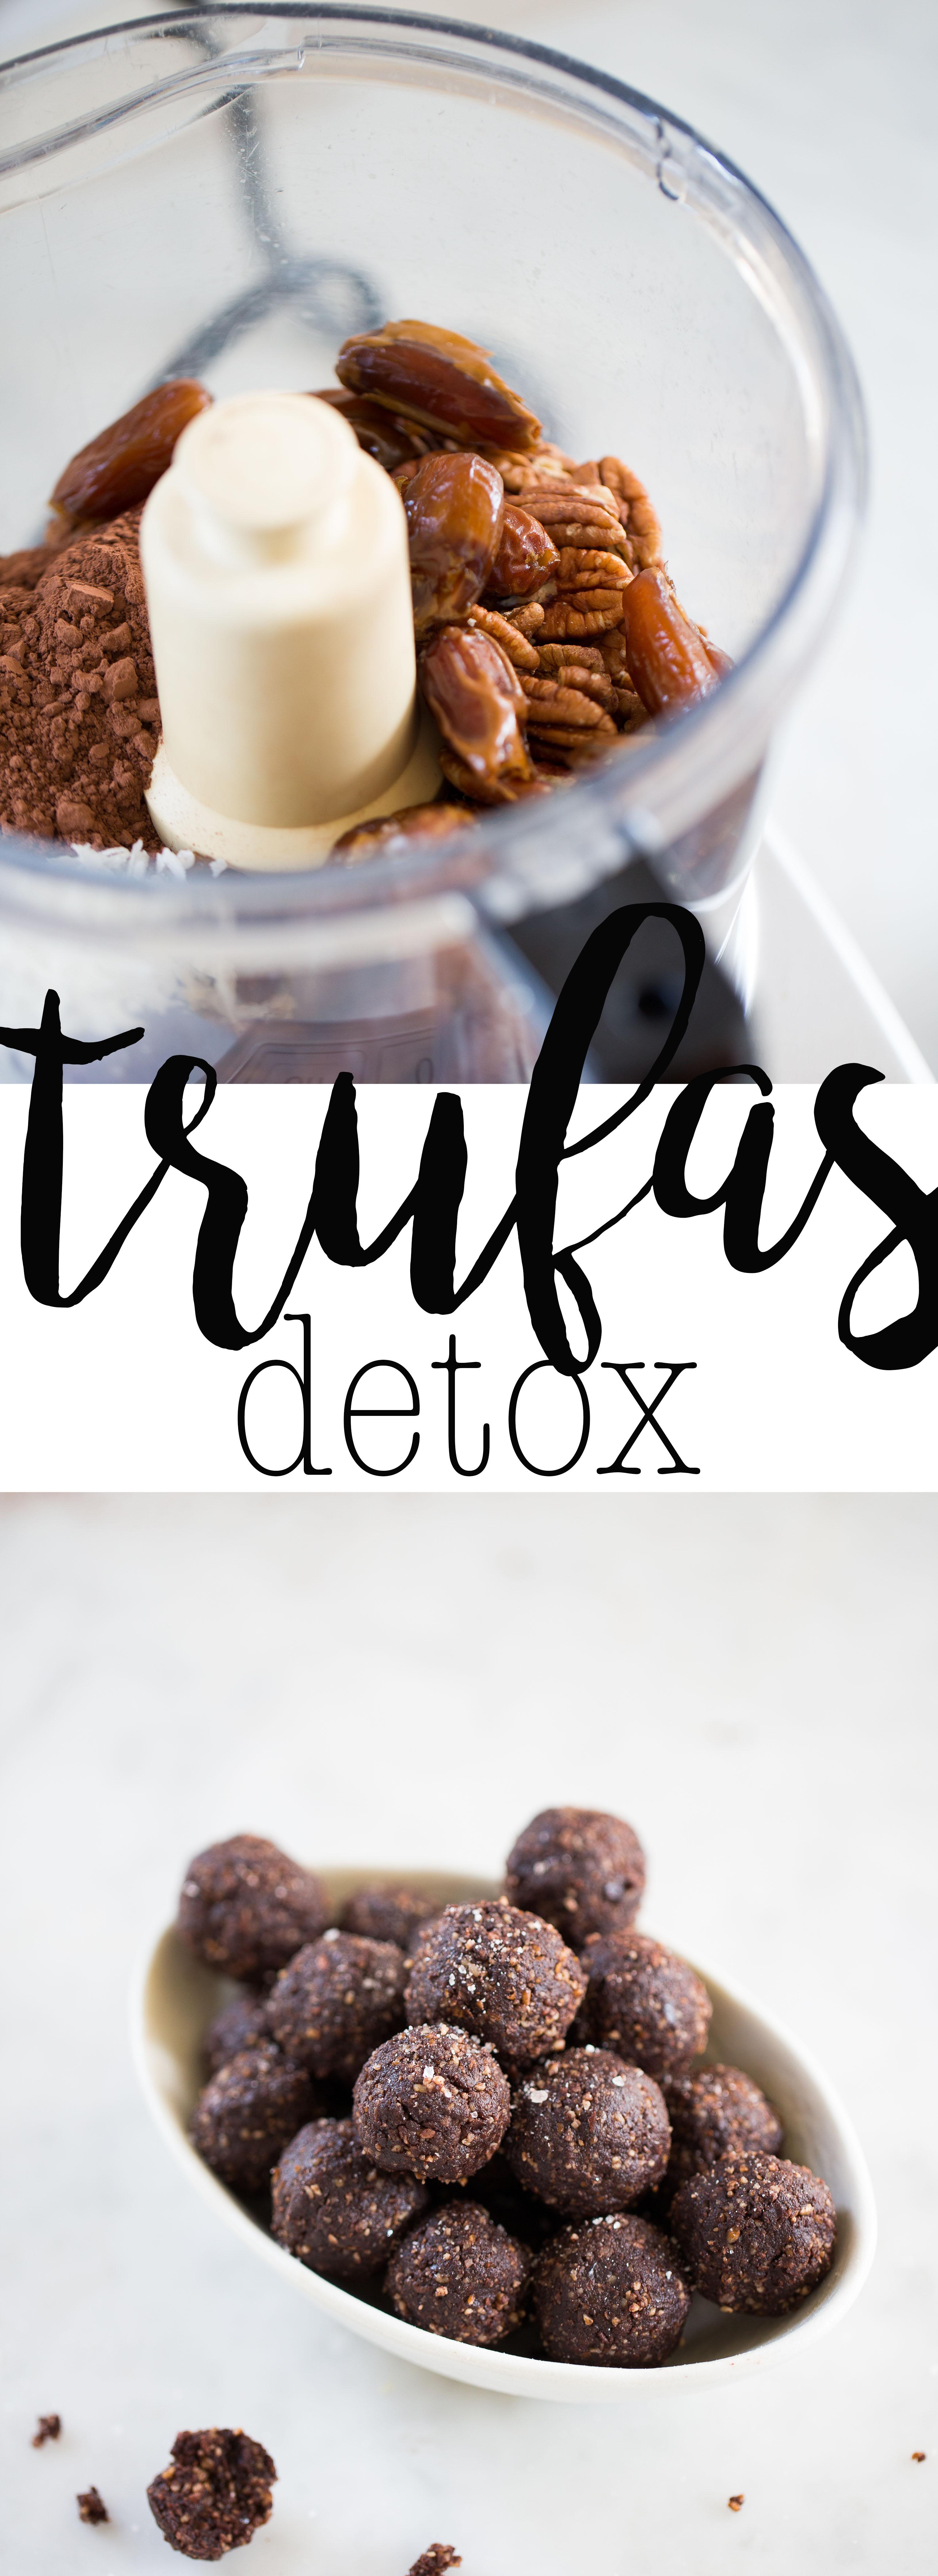 Esta receta de trufas detox es perfecta para todos los días, ¿te imainas un postre que nutra y no engorde? Si se puede, pruébalas. #vegnan, #chocolate, #vegano